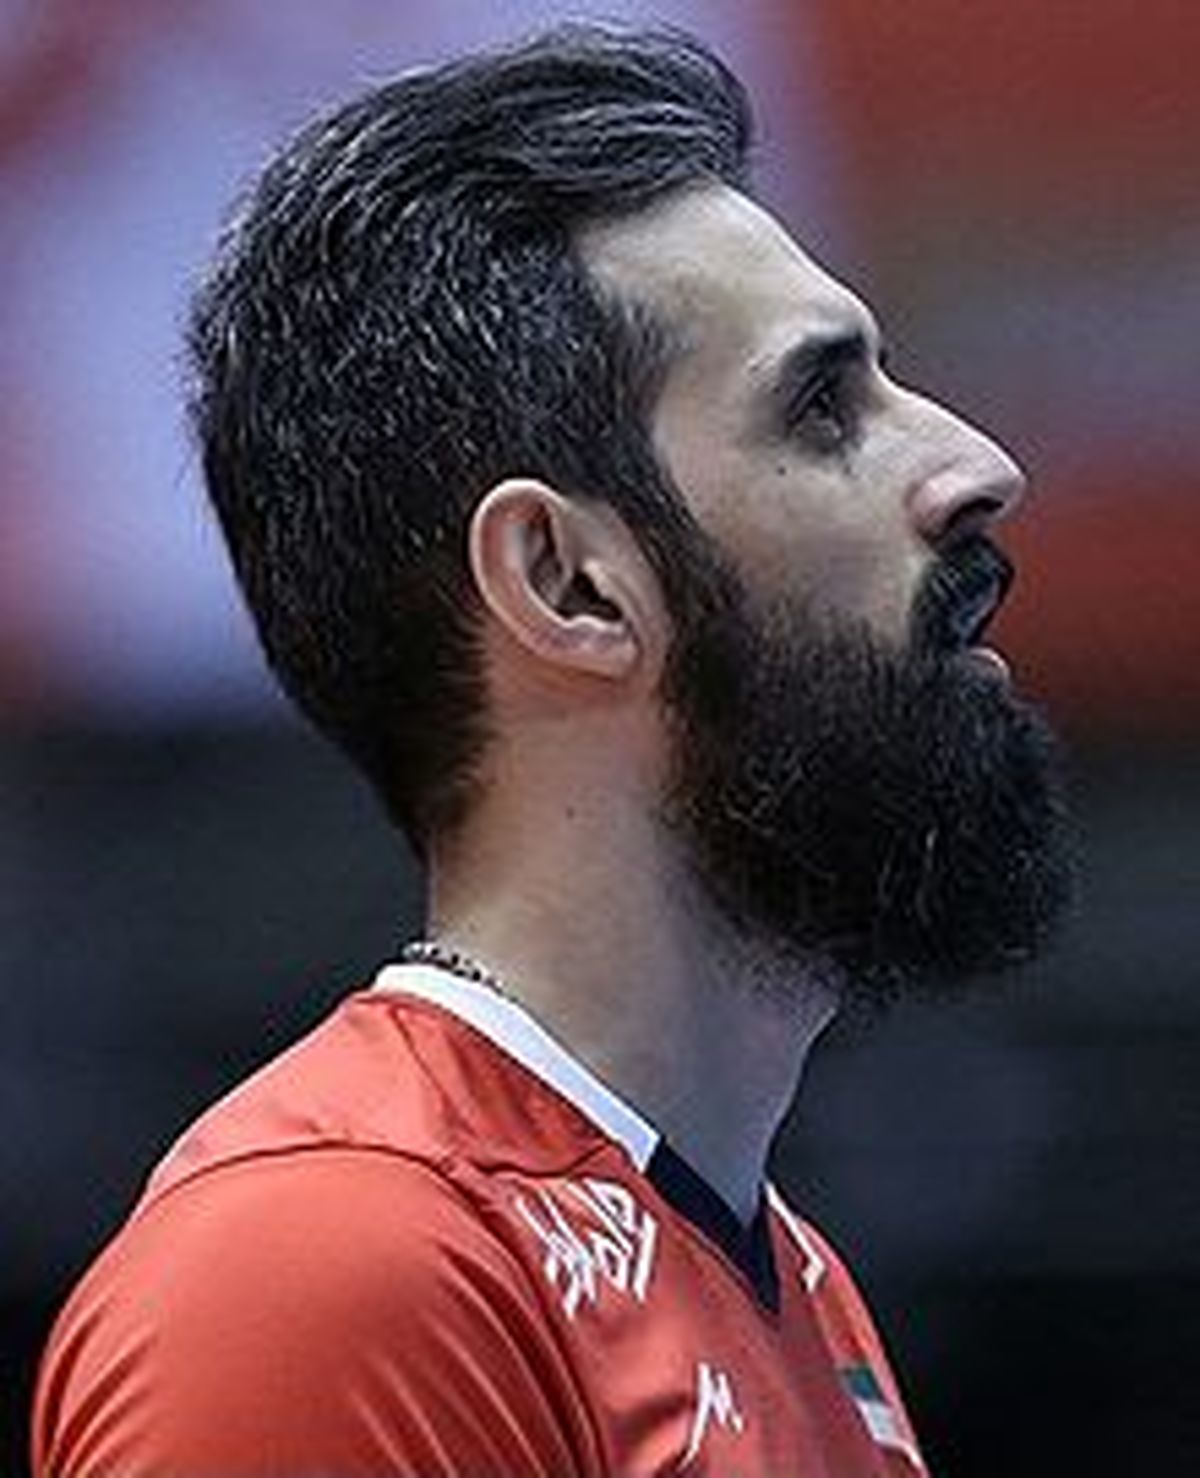 کاپیتان تیم ملی والیبال | تست کرونای سعید معروف مشخص شد